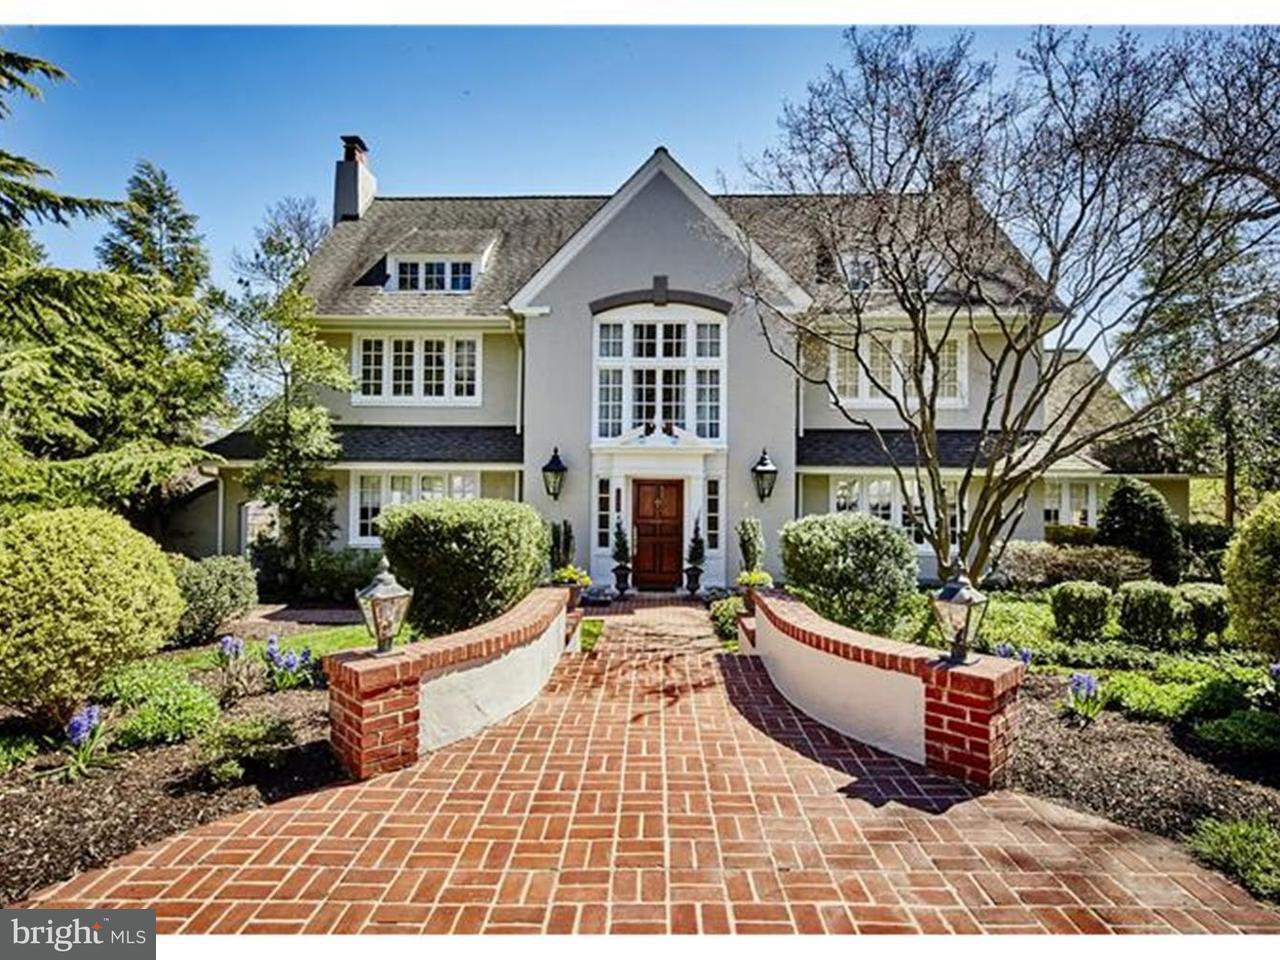 Частный односемейный дом для того Продажа на 2208 N GRANT Avenue Wilmington, Делавэр 19806 Соединенные Штаты